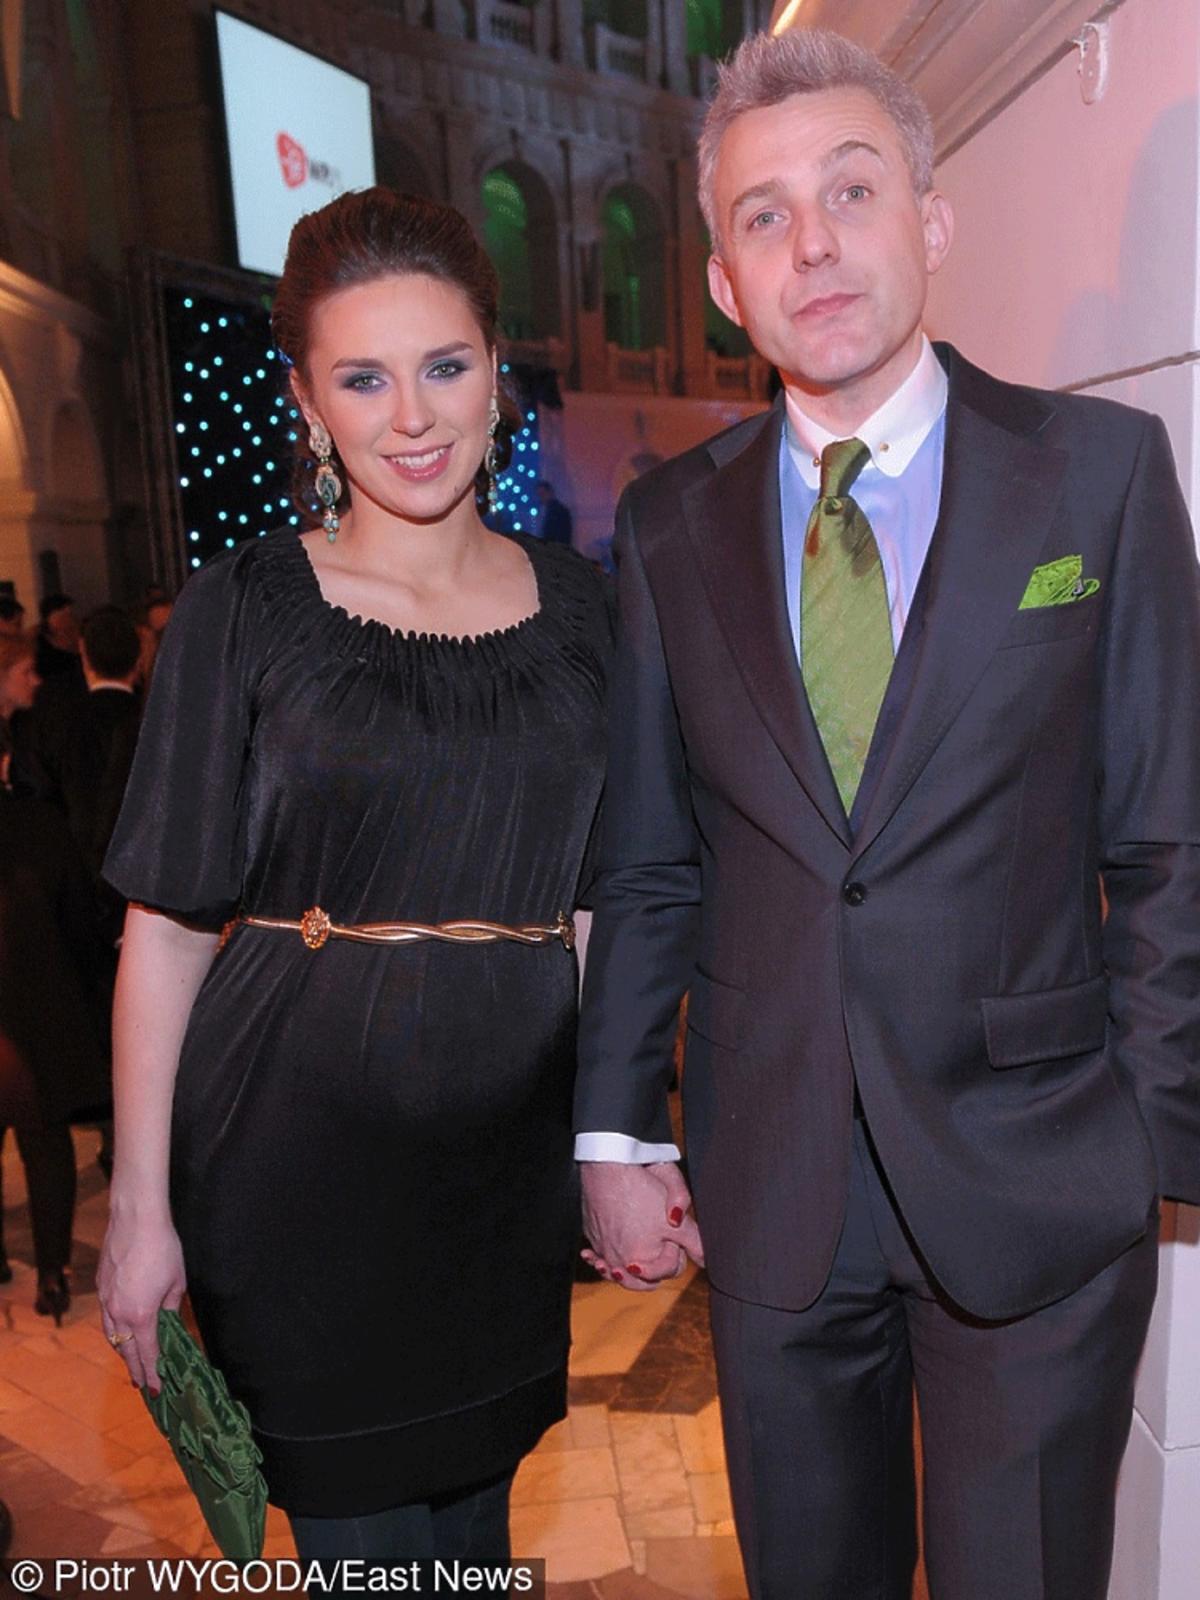 Hubert Urbański w garniturze z zielonym krawatem, Julia Chmielnik